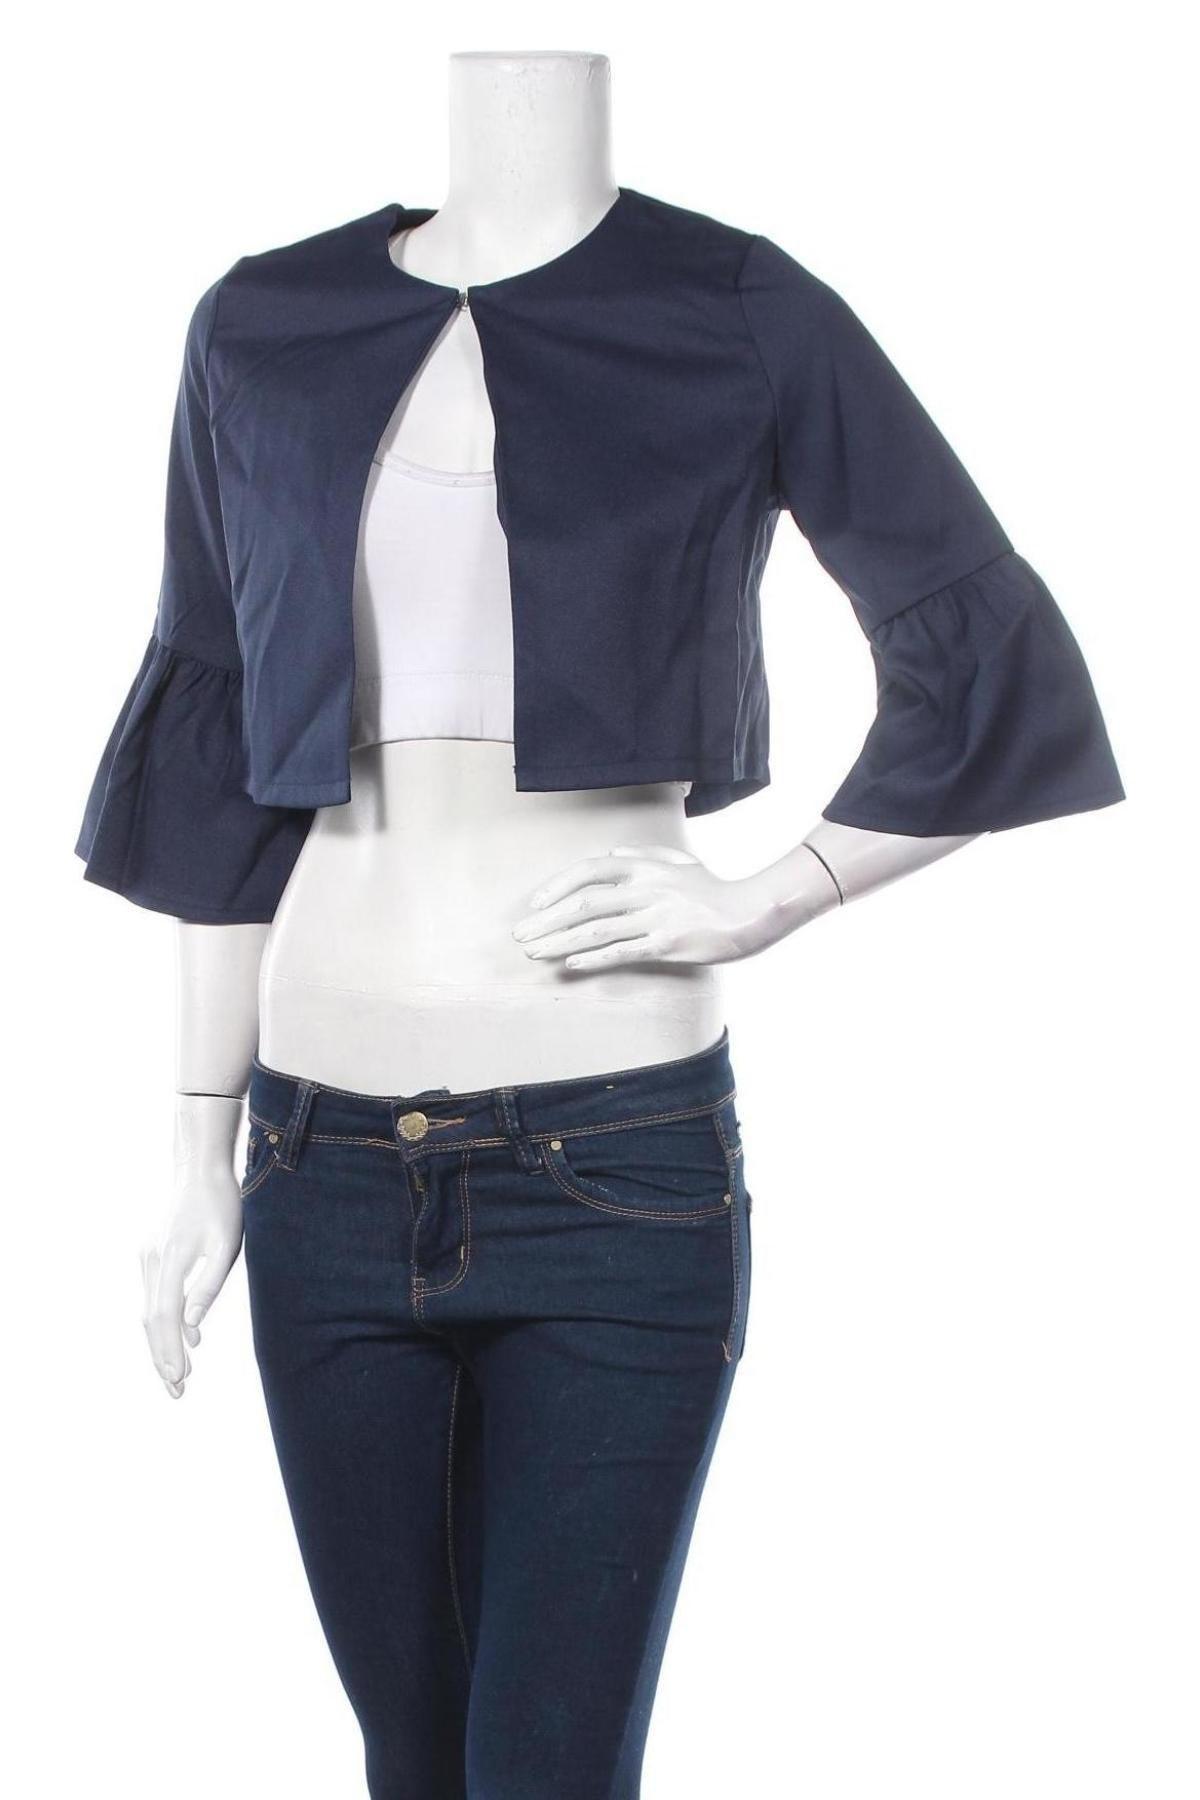 Γυναικεία ζακέτα Molly Bracken, Μέγεθος S, Χρώμα Μπλέ, Πολυεστέρας, Τιμή 8,89€